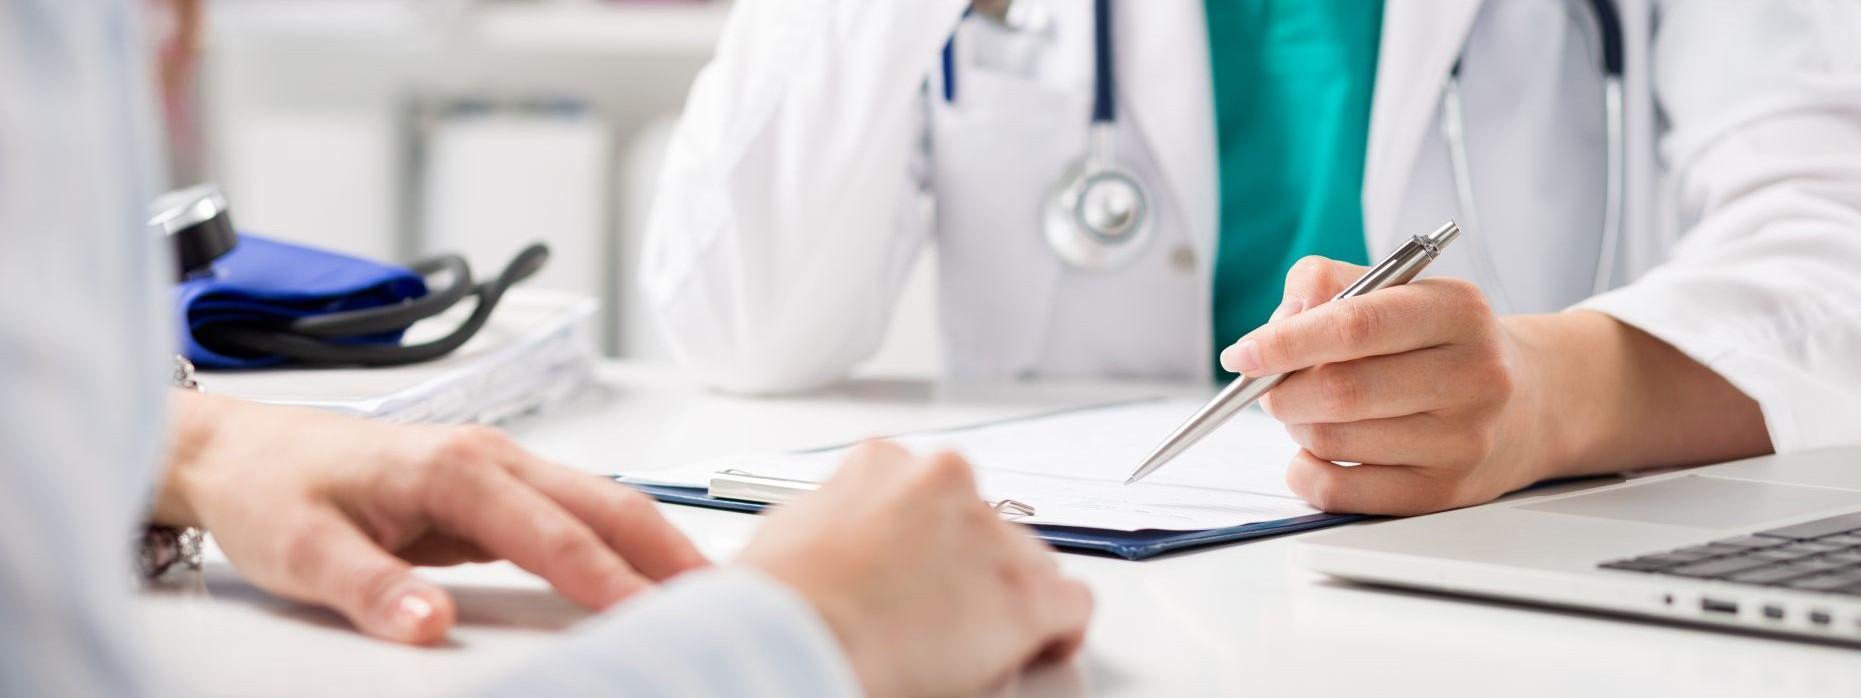 Eine Ärztin berät in einer Praxis eine Patientin. Dabei macht sie Notizen in den Unterlagen.